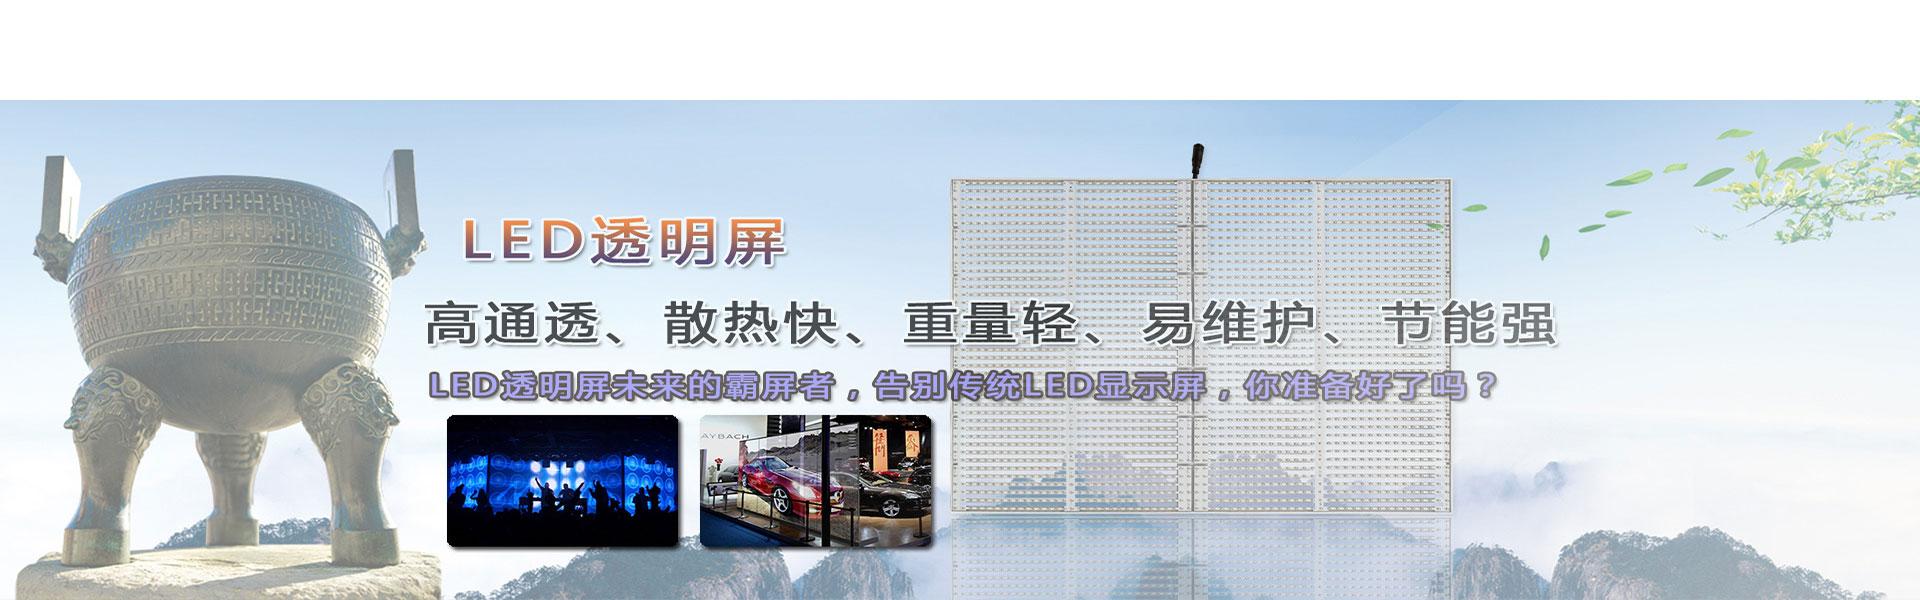 山东邻社信息技术有限公司